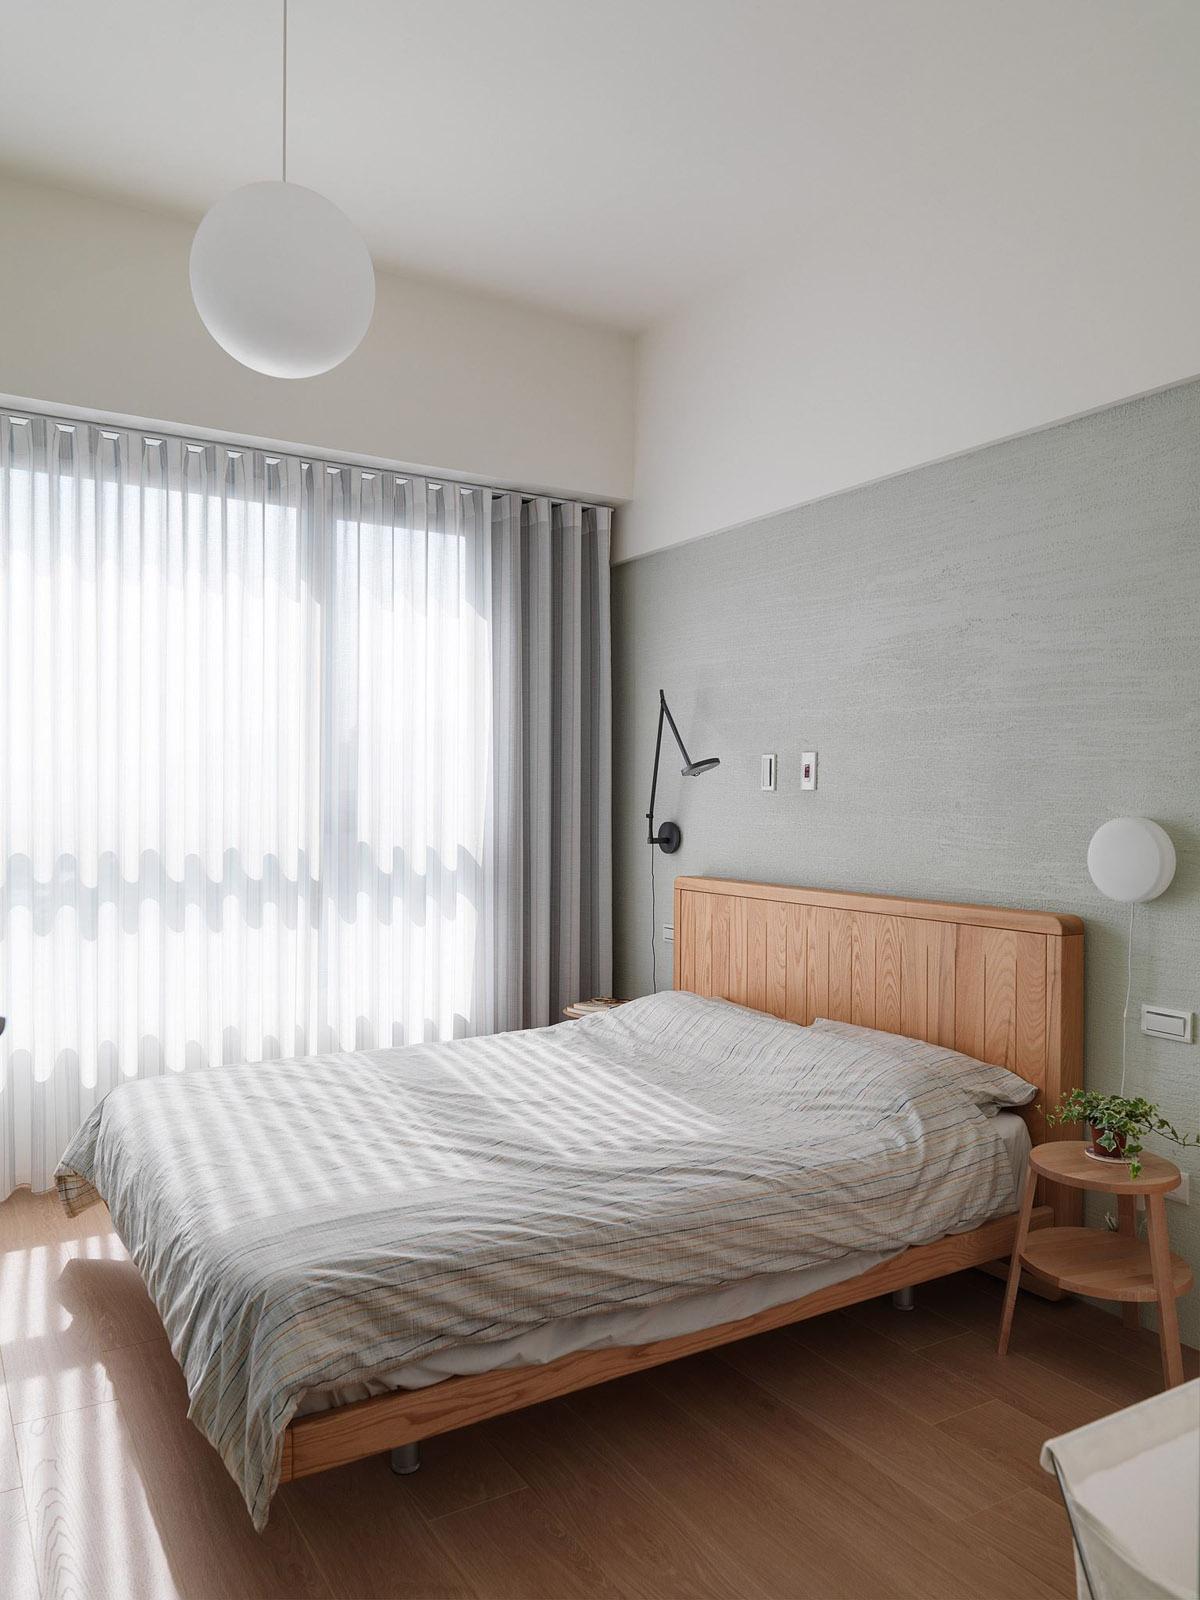 Mẫu thiết kế nội thất chung cư 100m2 2 phòng ngủ phong cách Nhật Bản. Phòng ngủ 3